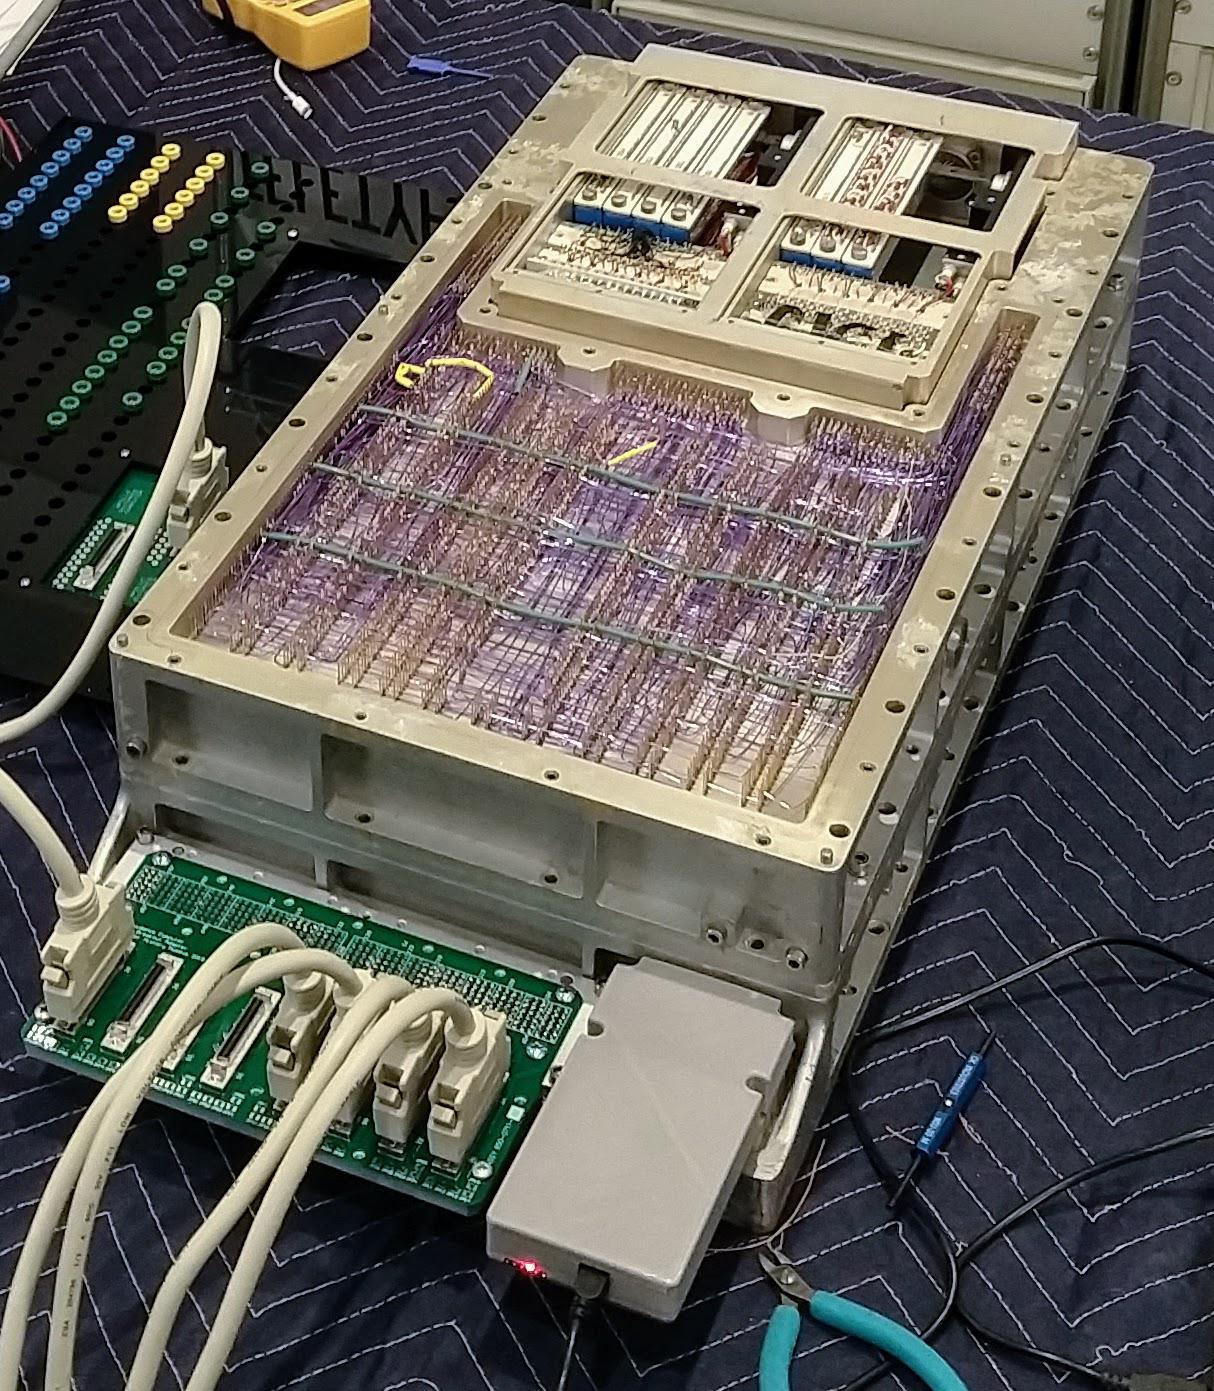 Бортовой управляющий компьютер «Аполлона»: дипстик и инженерный анализ памяти на многократно прошитых сердечниках - 1